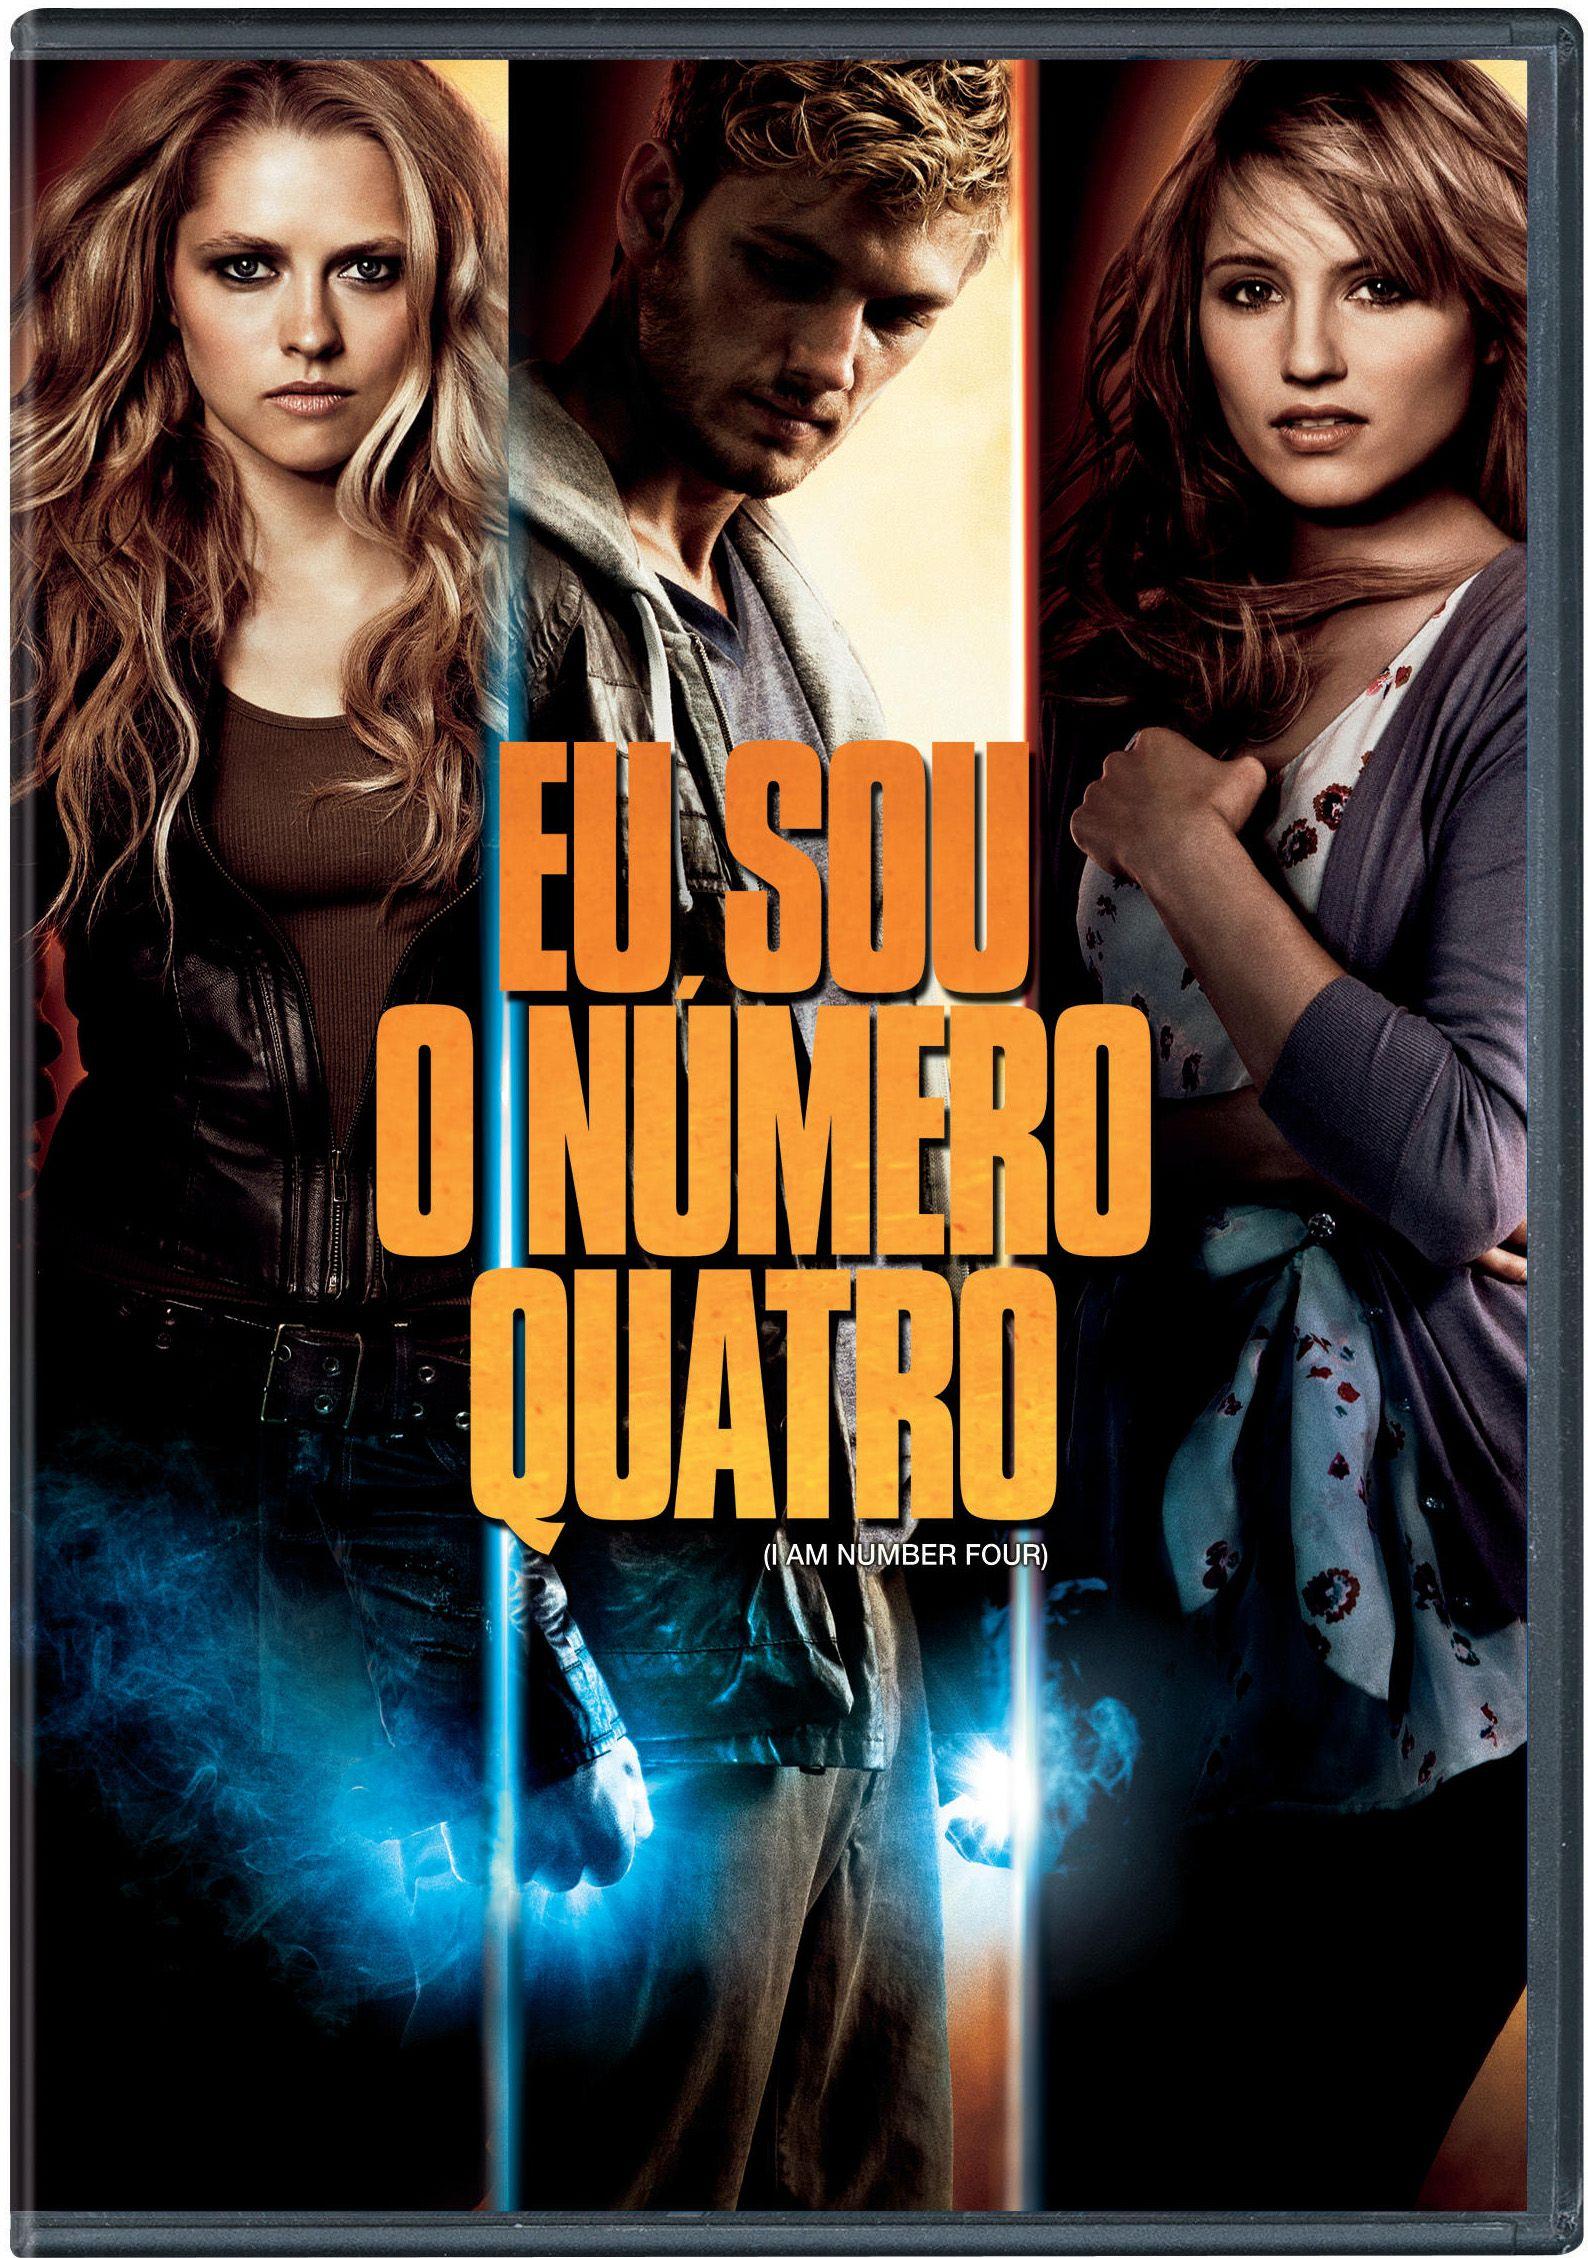 Dvd Eu Sou O Numero Quatro Jpg 1588 2258 Eu Sou O Numero Quatro Mega Filmes Online Filmes On Line